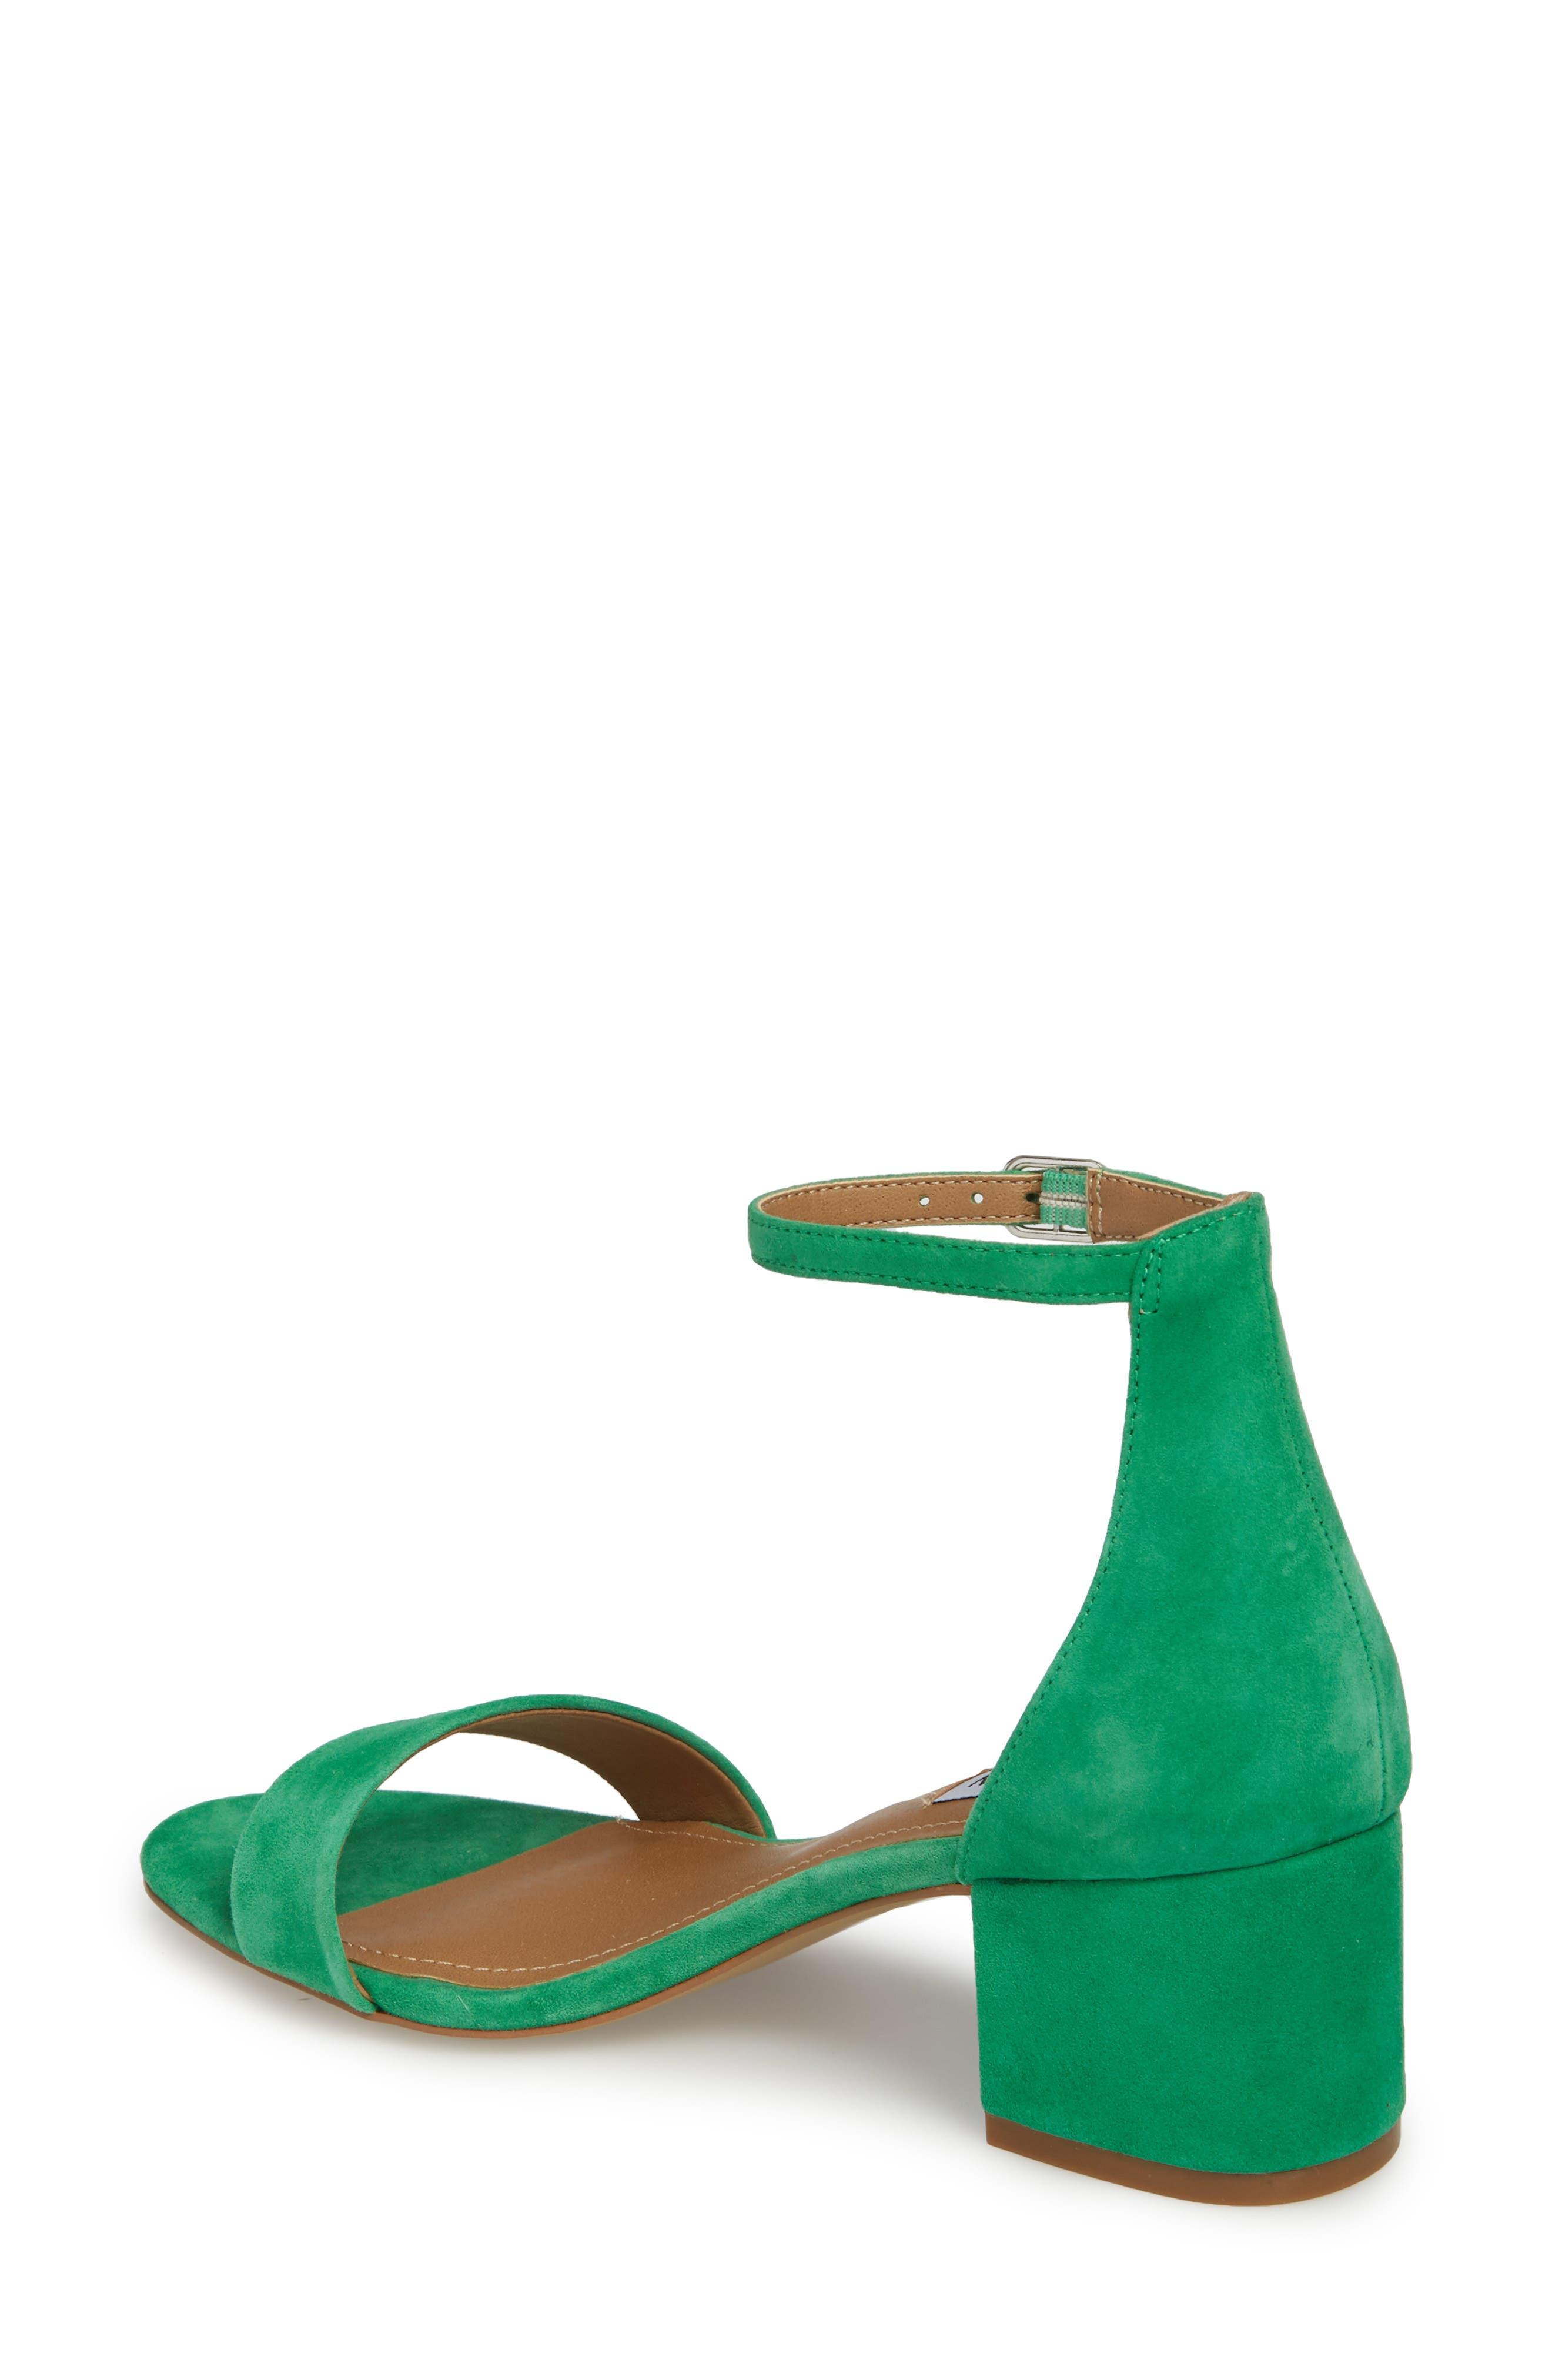 Irenee Ankle Strap Sandal,                             Alternate thumbnail 37, color,